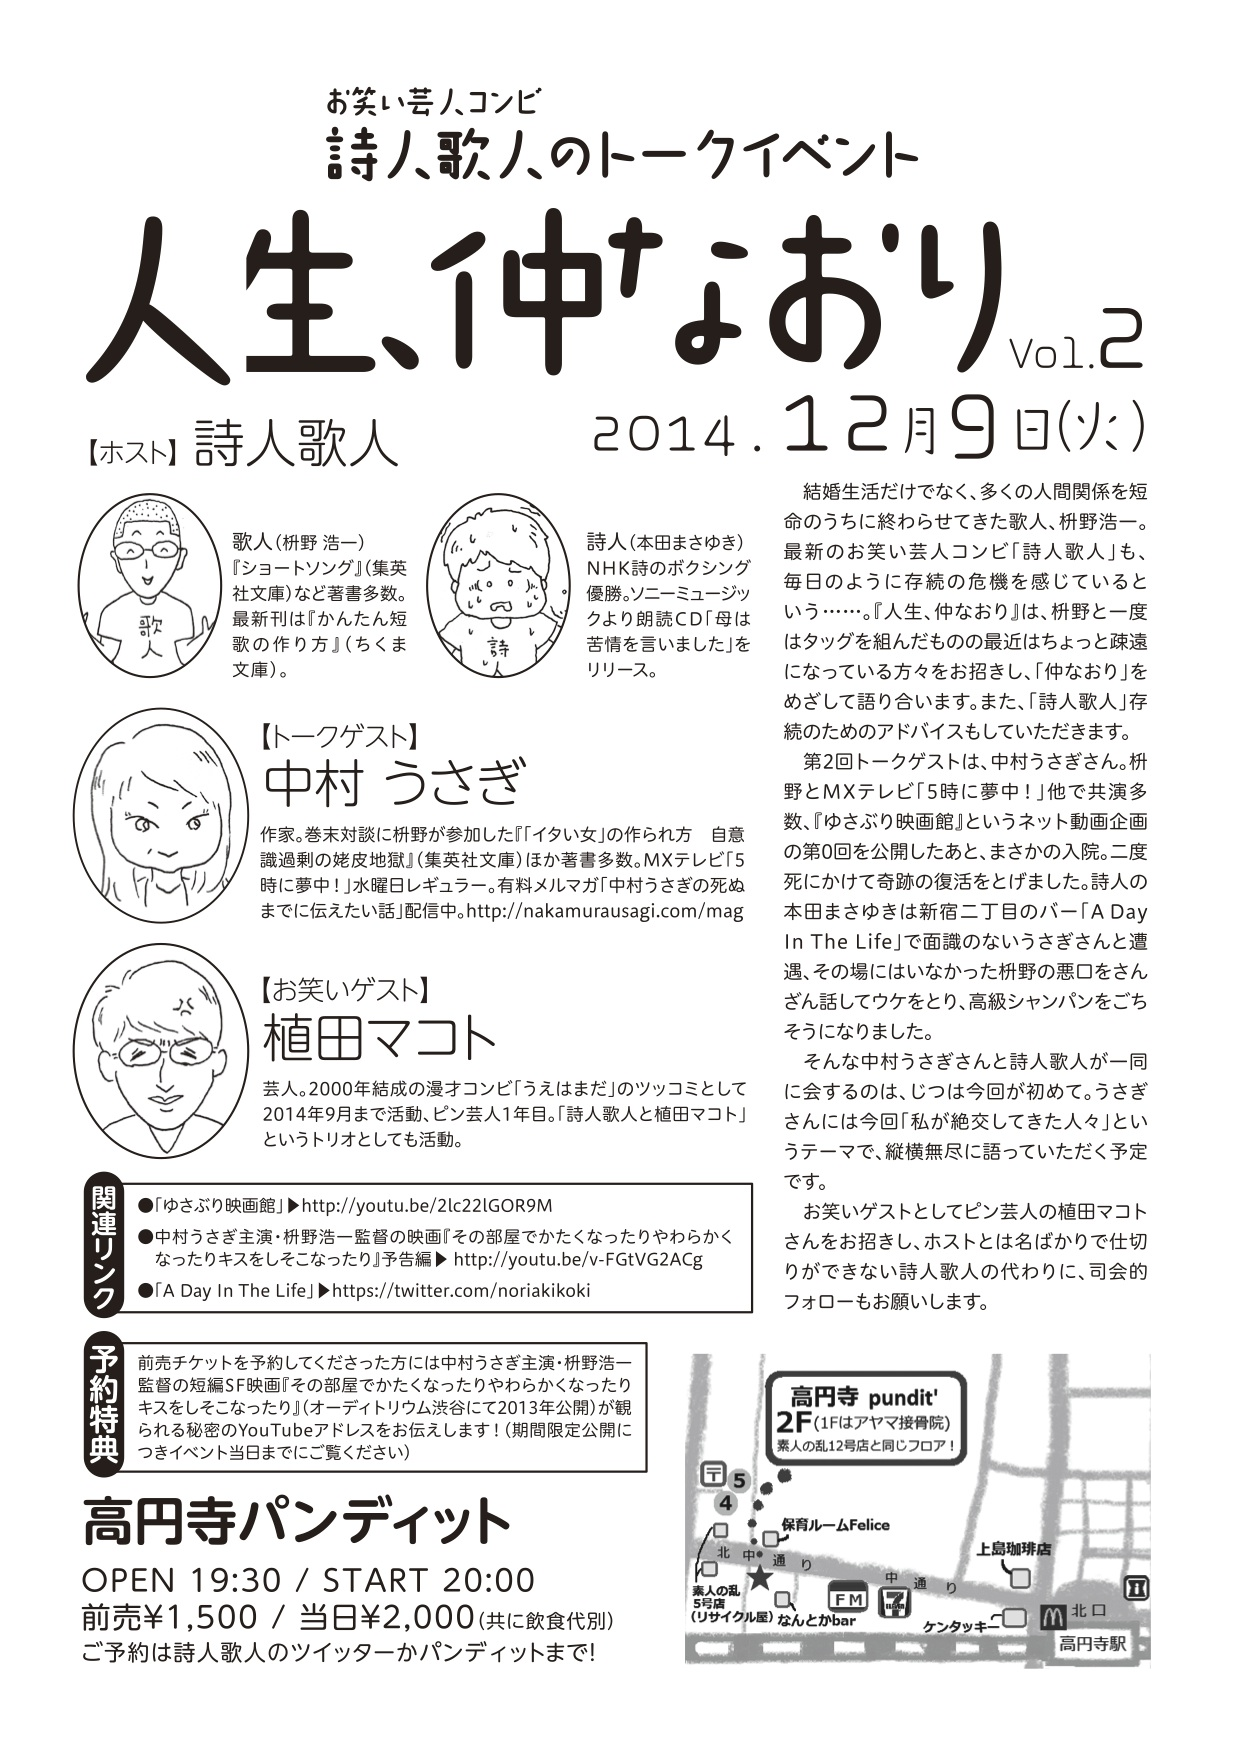 20141130人生仲なおり のコピー